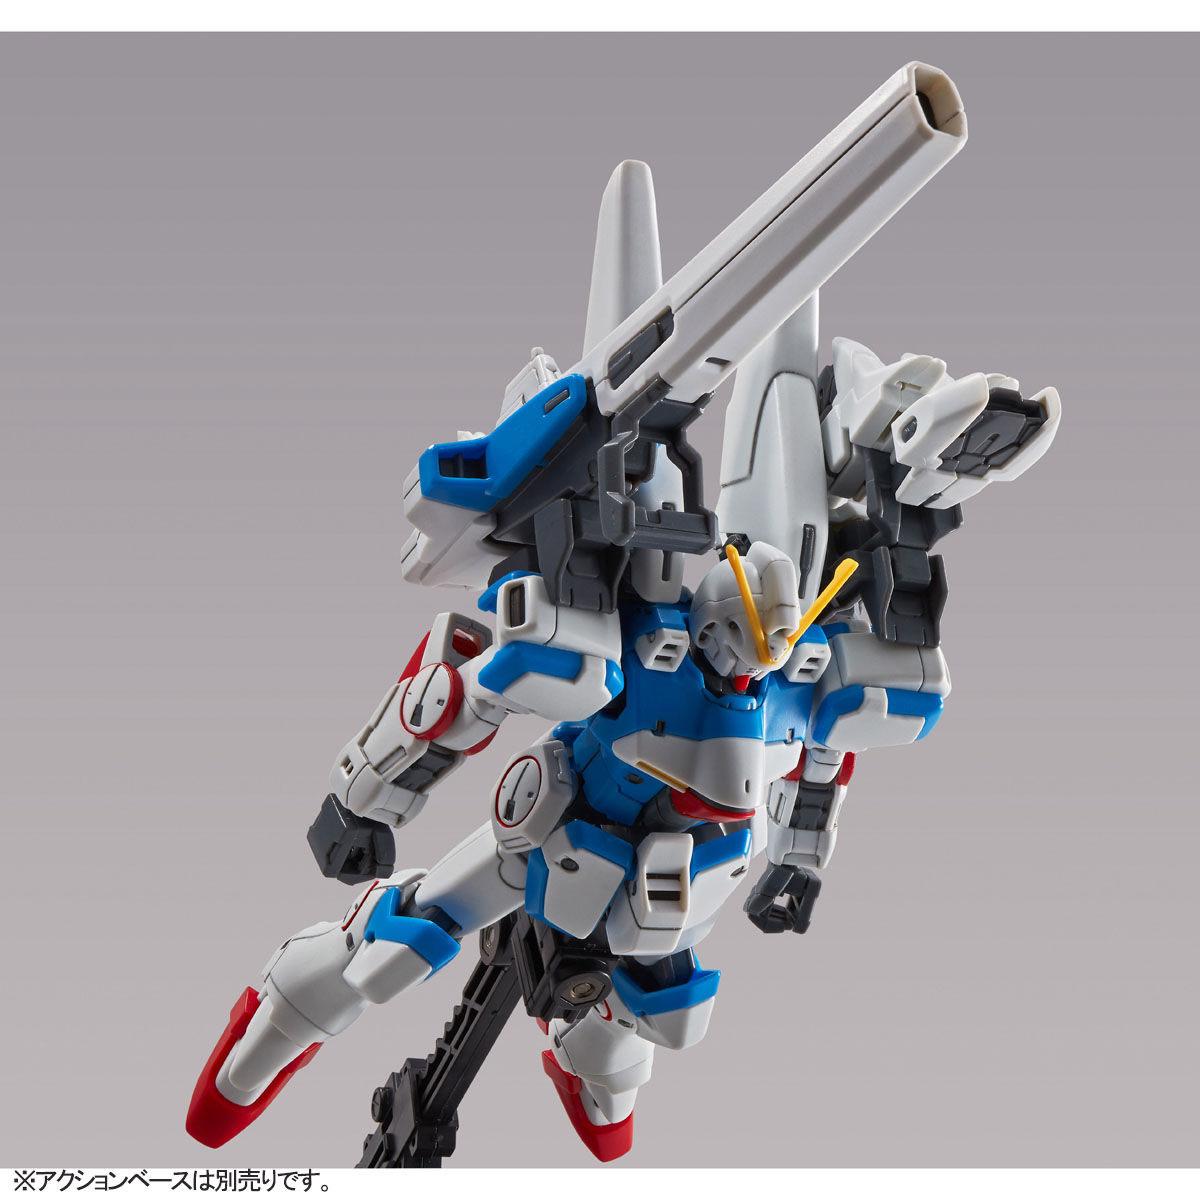 【限定販売】HG 1/144『セカンドV』プラモデル-008